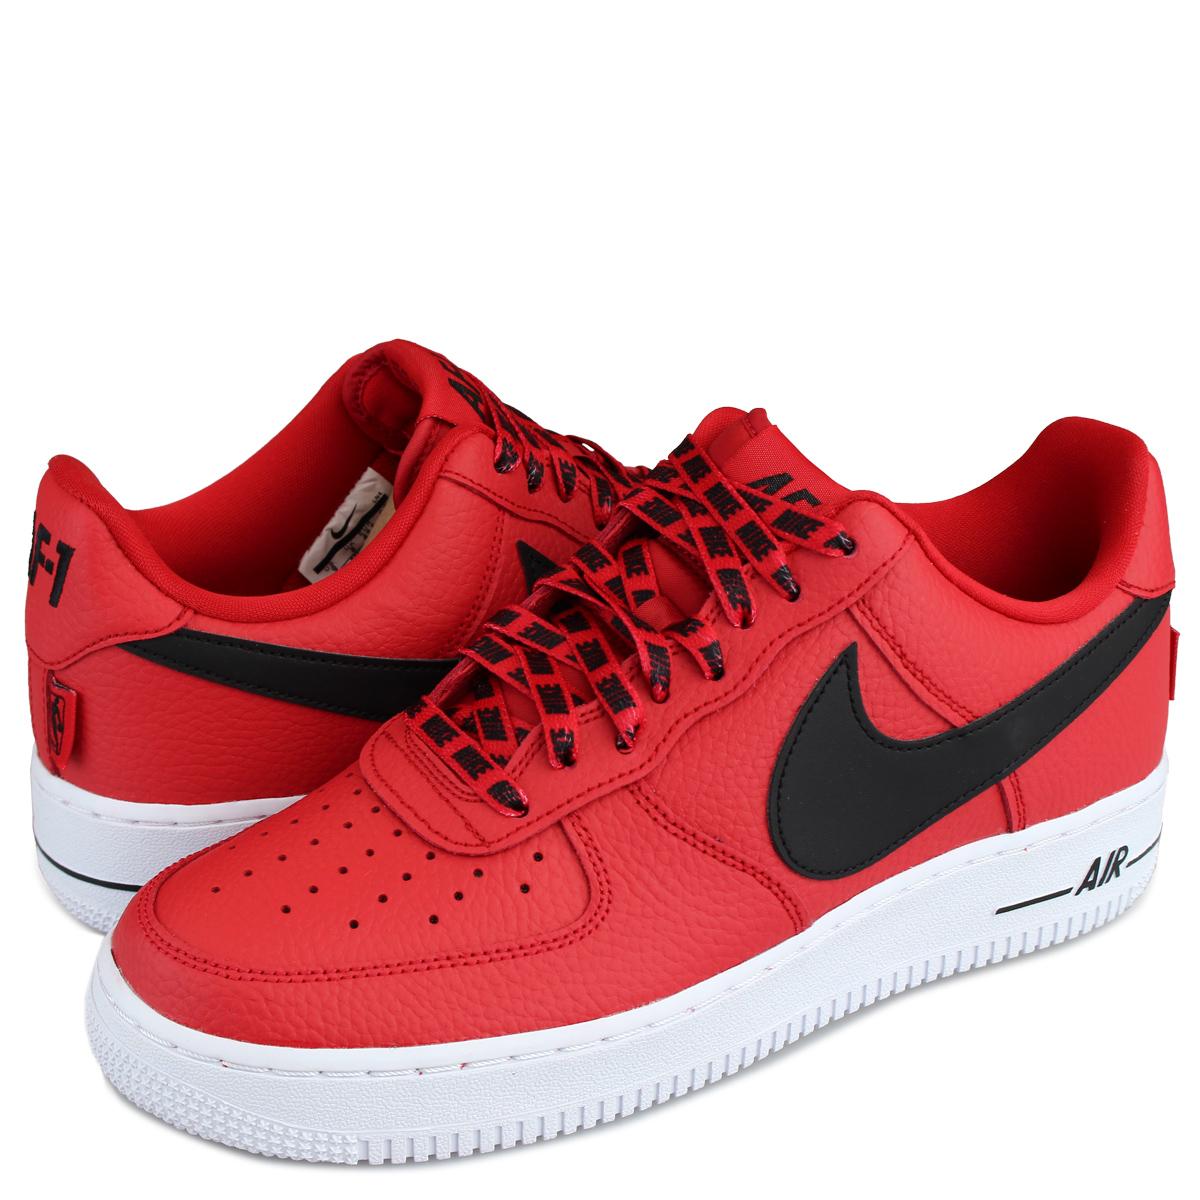 メンズエレベート Planned Load In Force Shinnyu Product Lv8 Nba 07 Redload 511 604 Reservation 1 823 Shoes Nike Air Sneakers rxoedCB